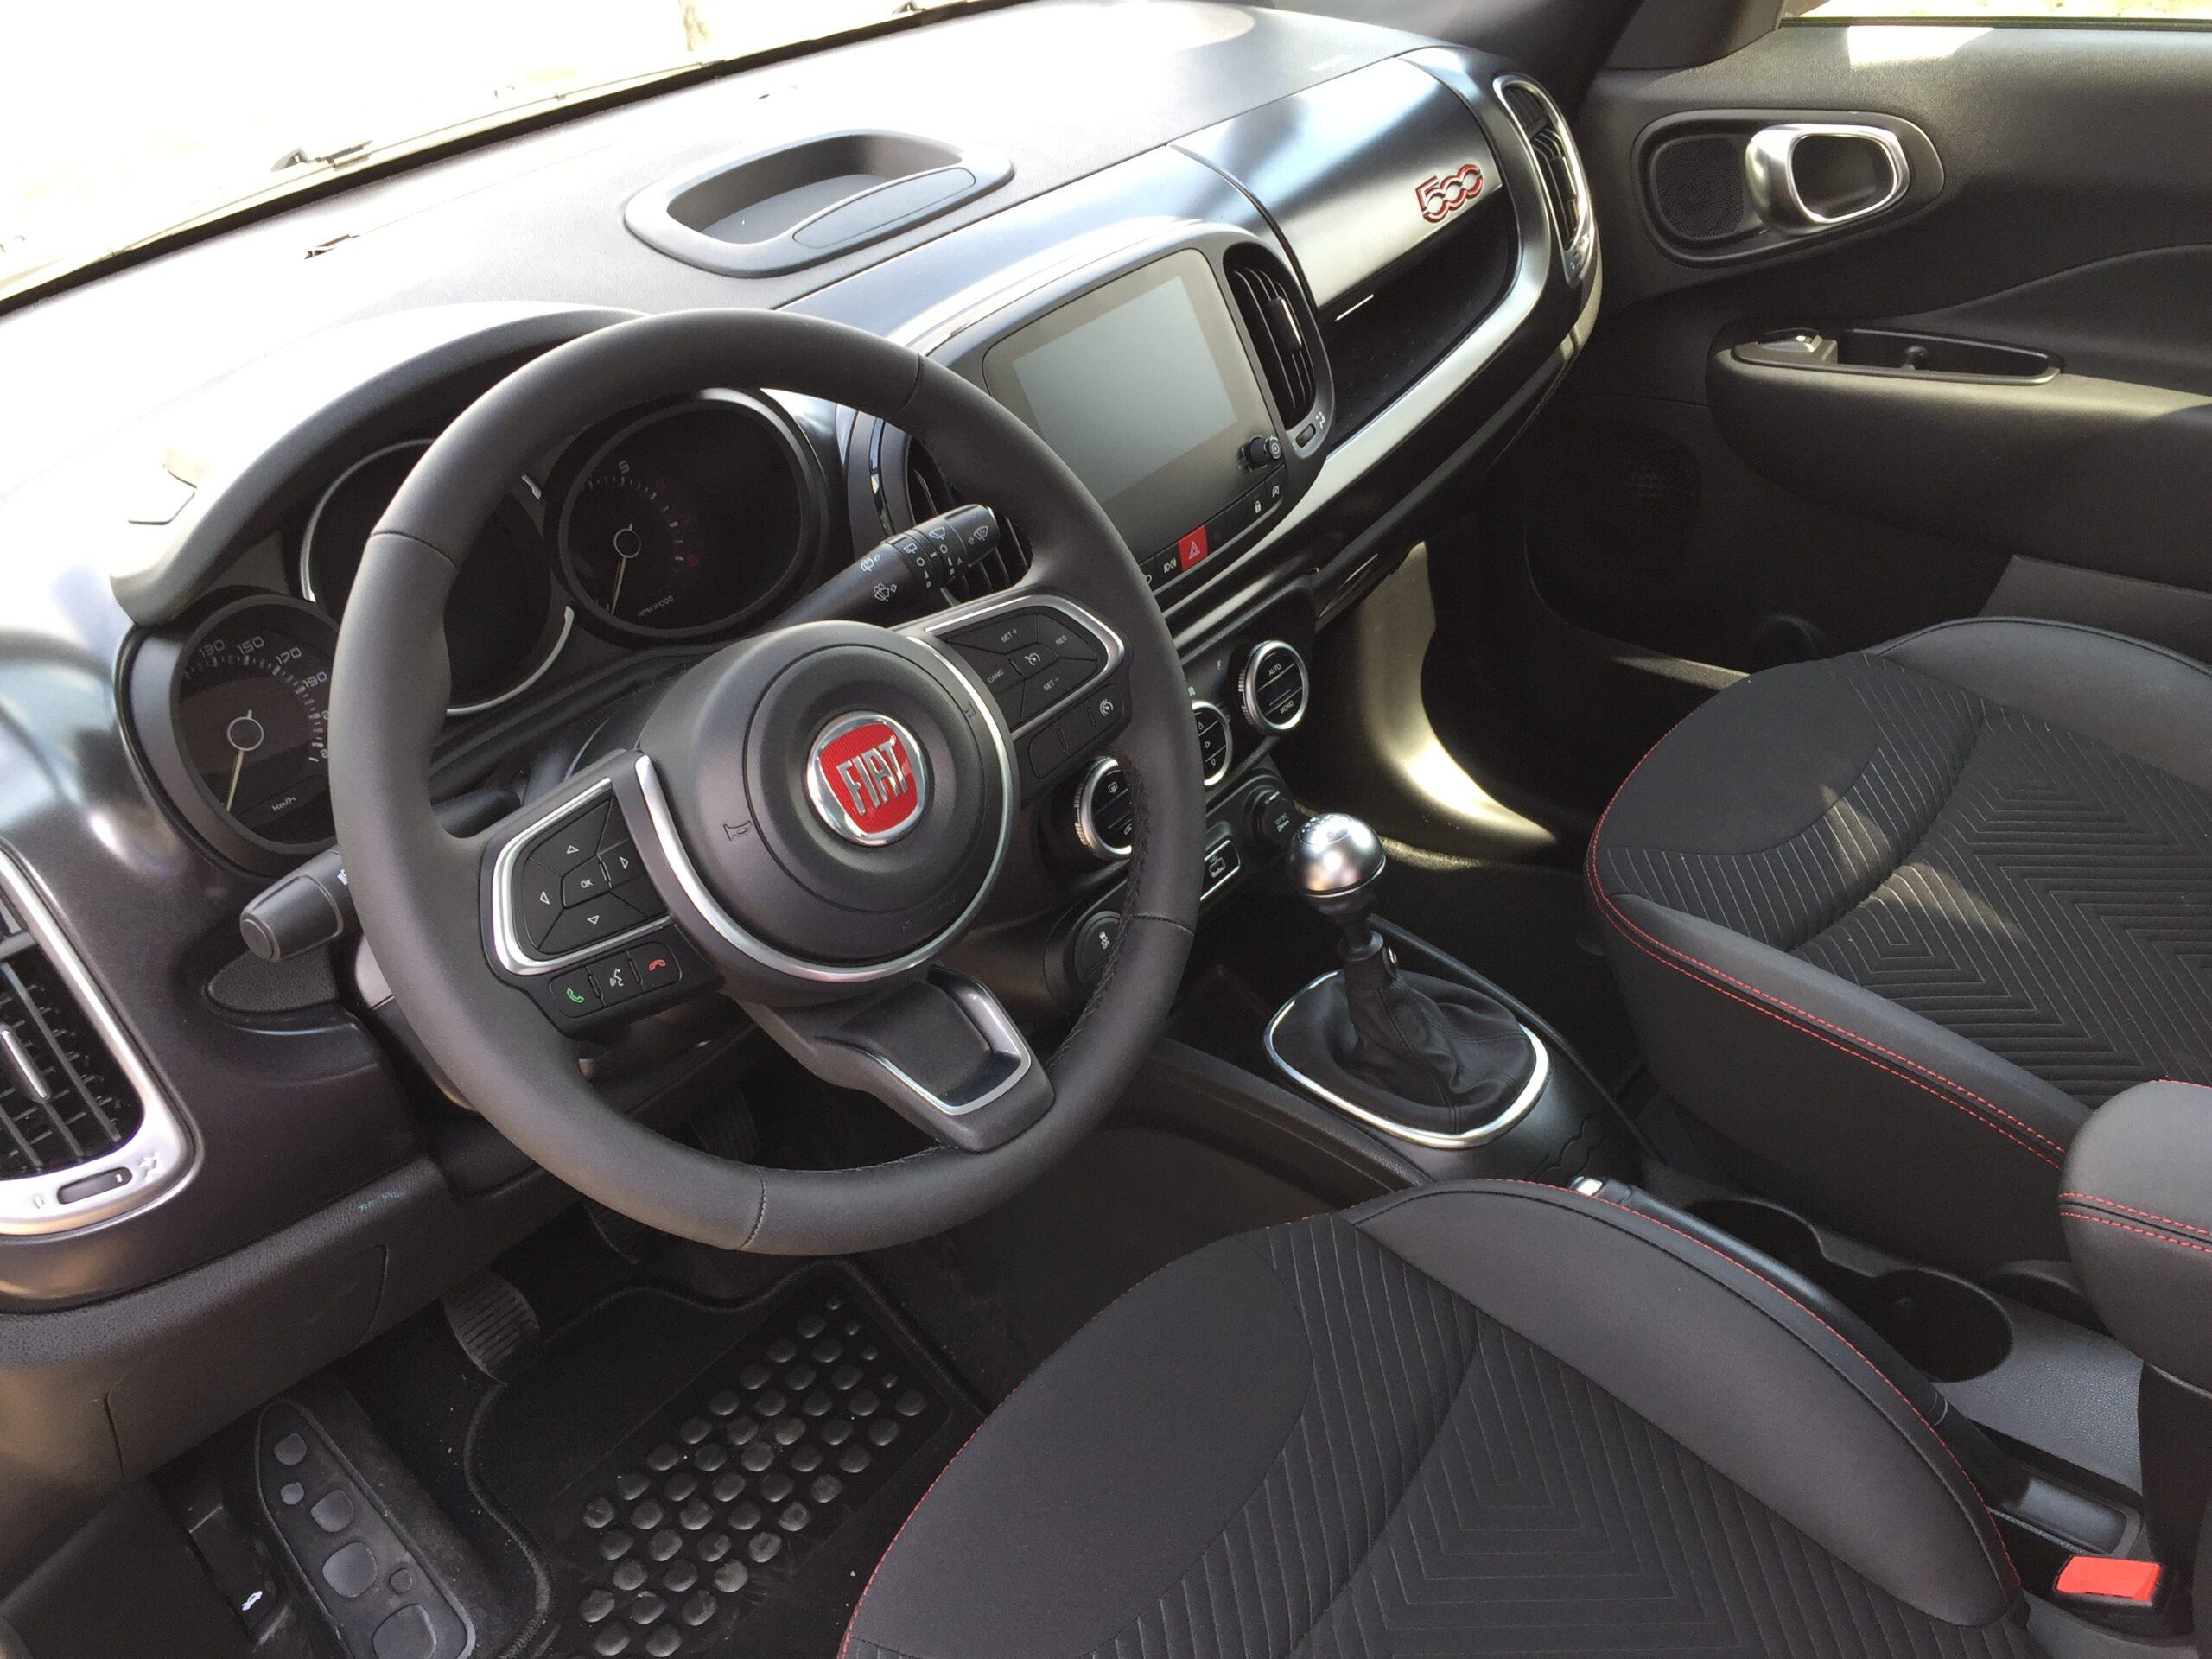 Fiat 500L 1.4 16V 95 Sport, NEUWAGEN full